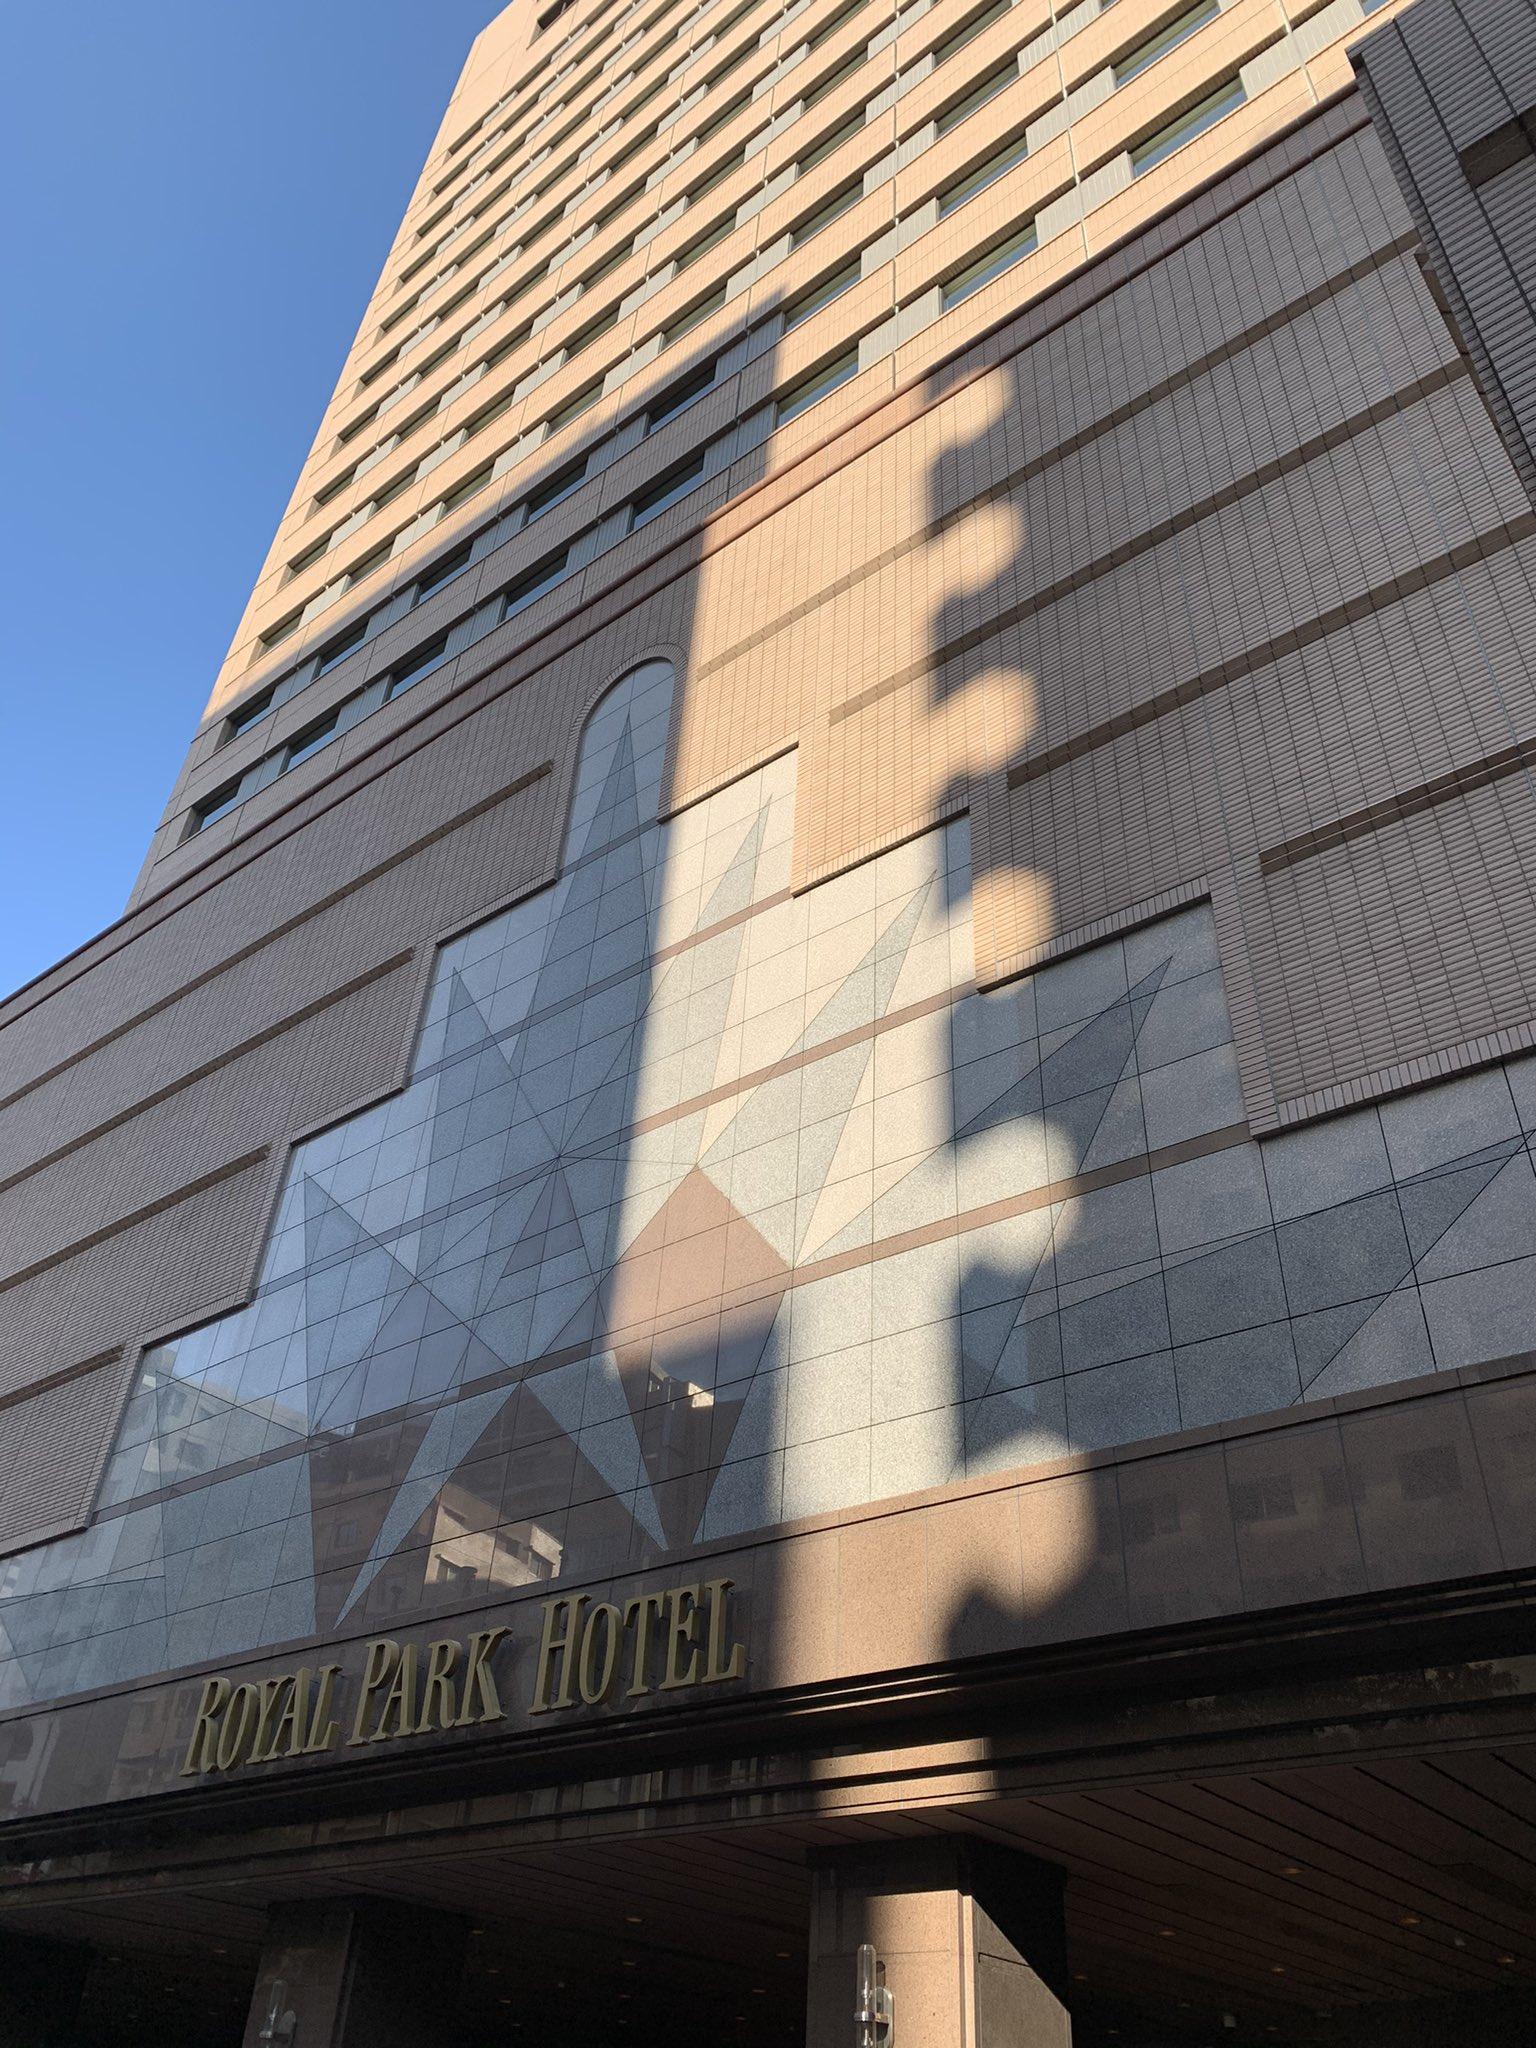 ホテル 撮影 場所 マスカレード